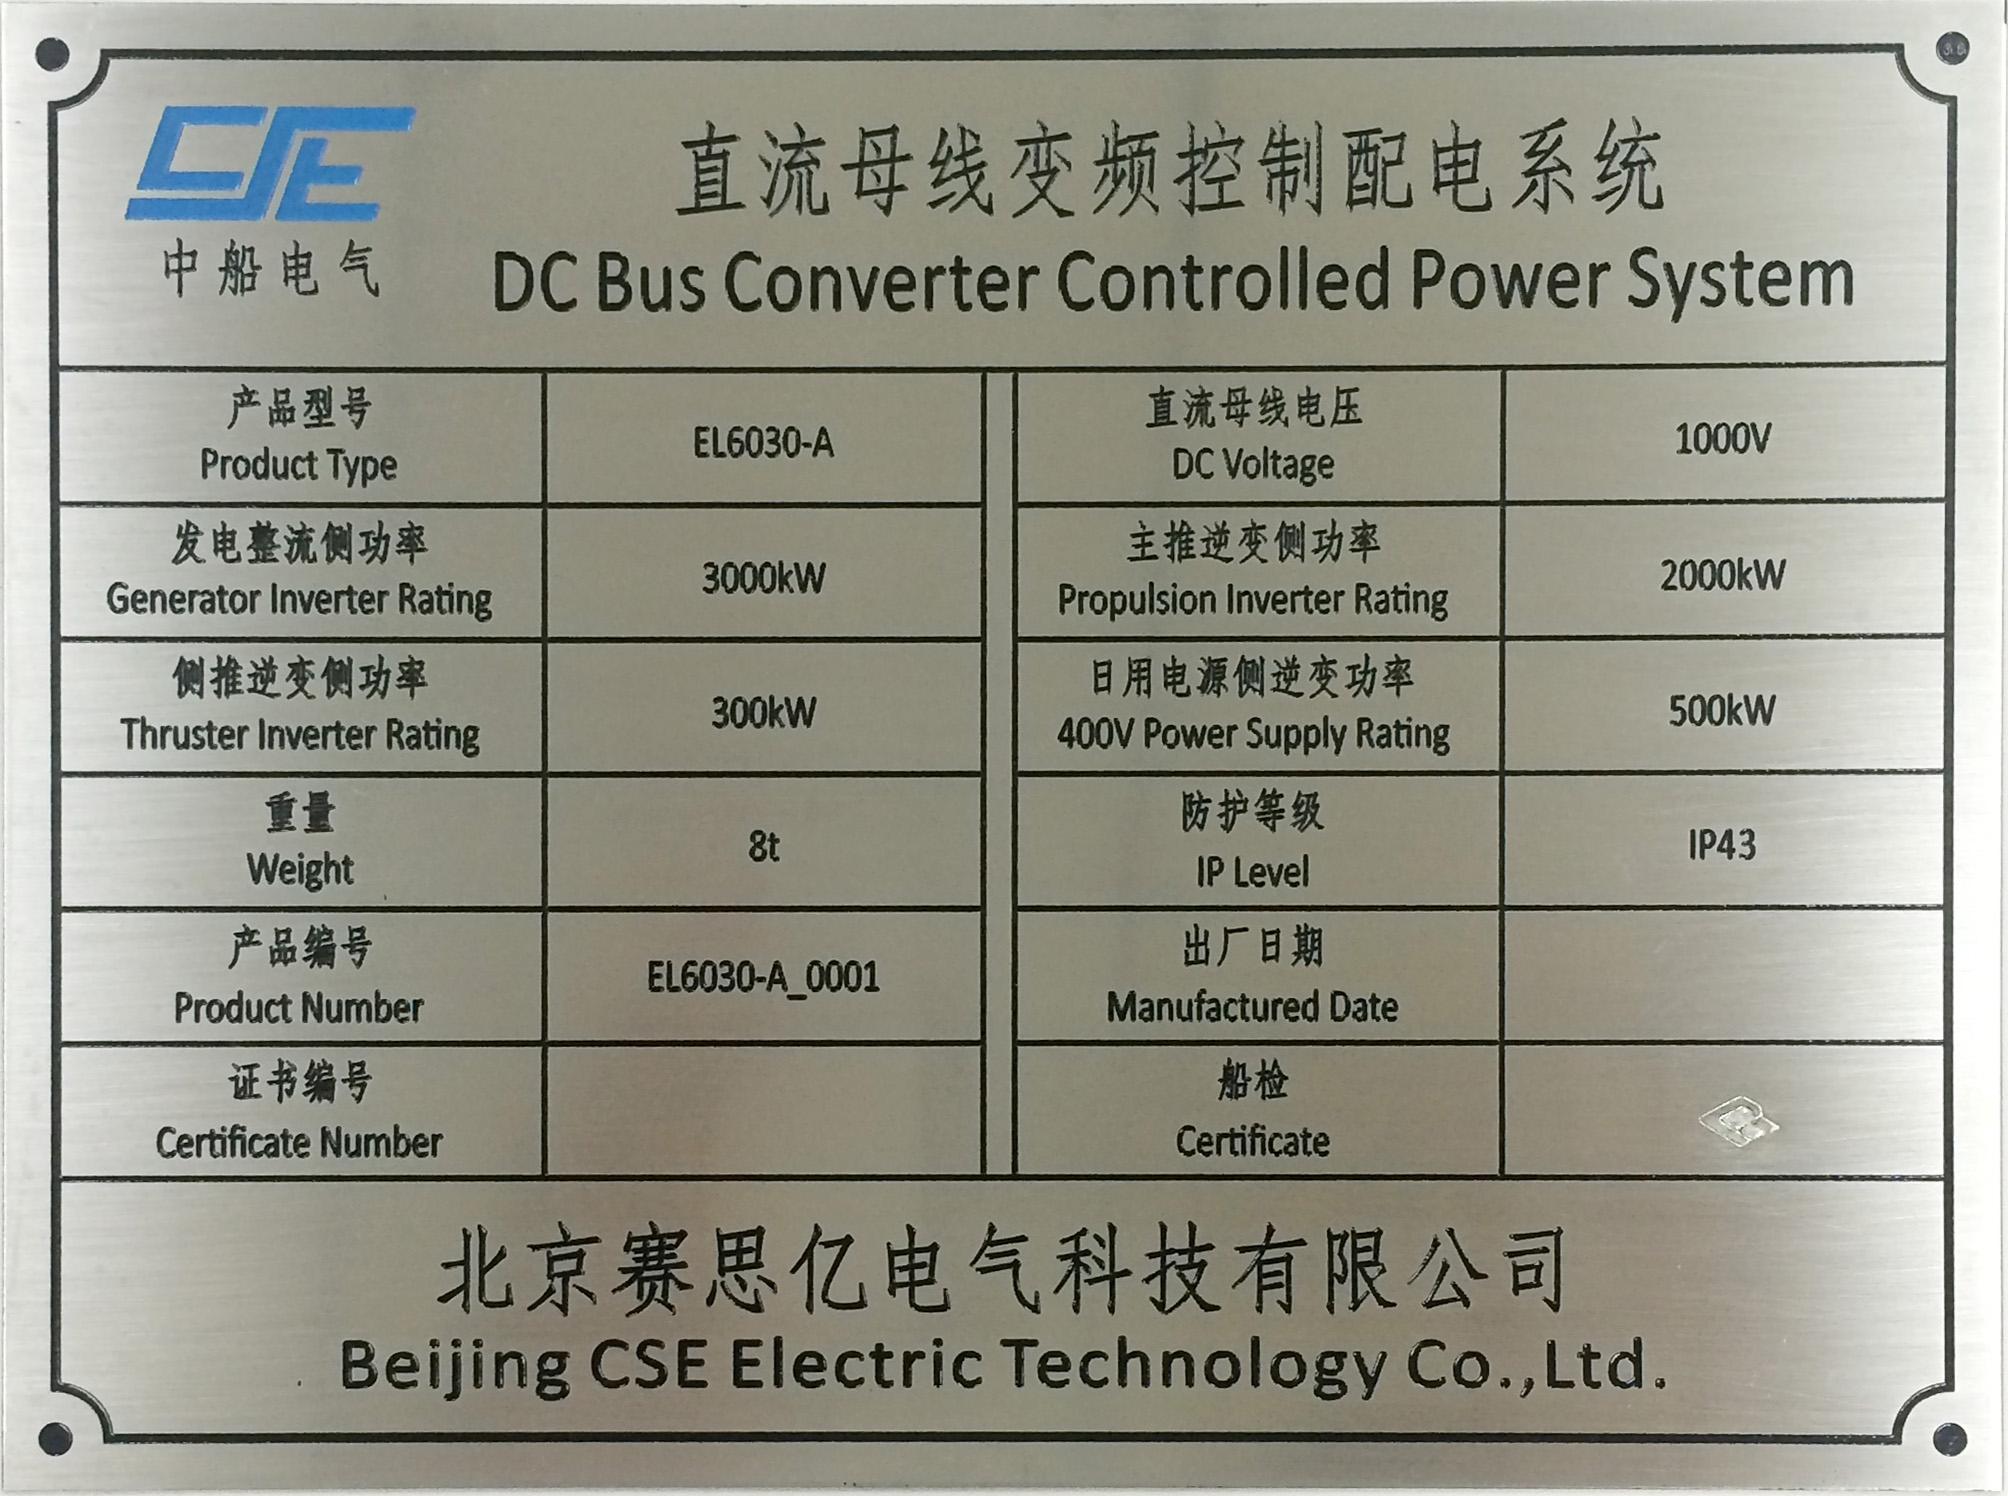 全球首套通过中国船级社认证的直流组网电力推进系统